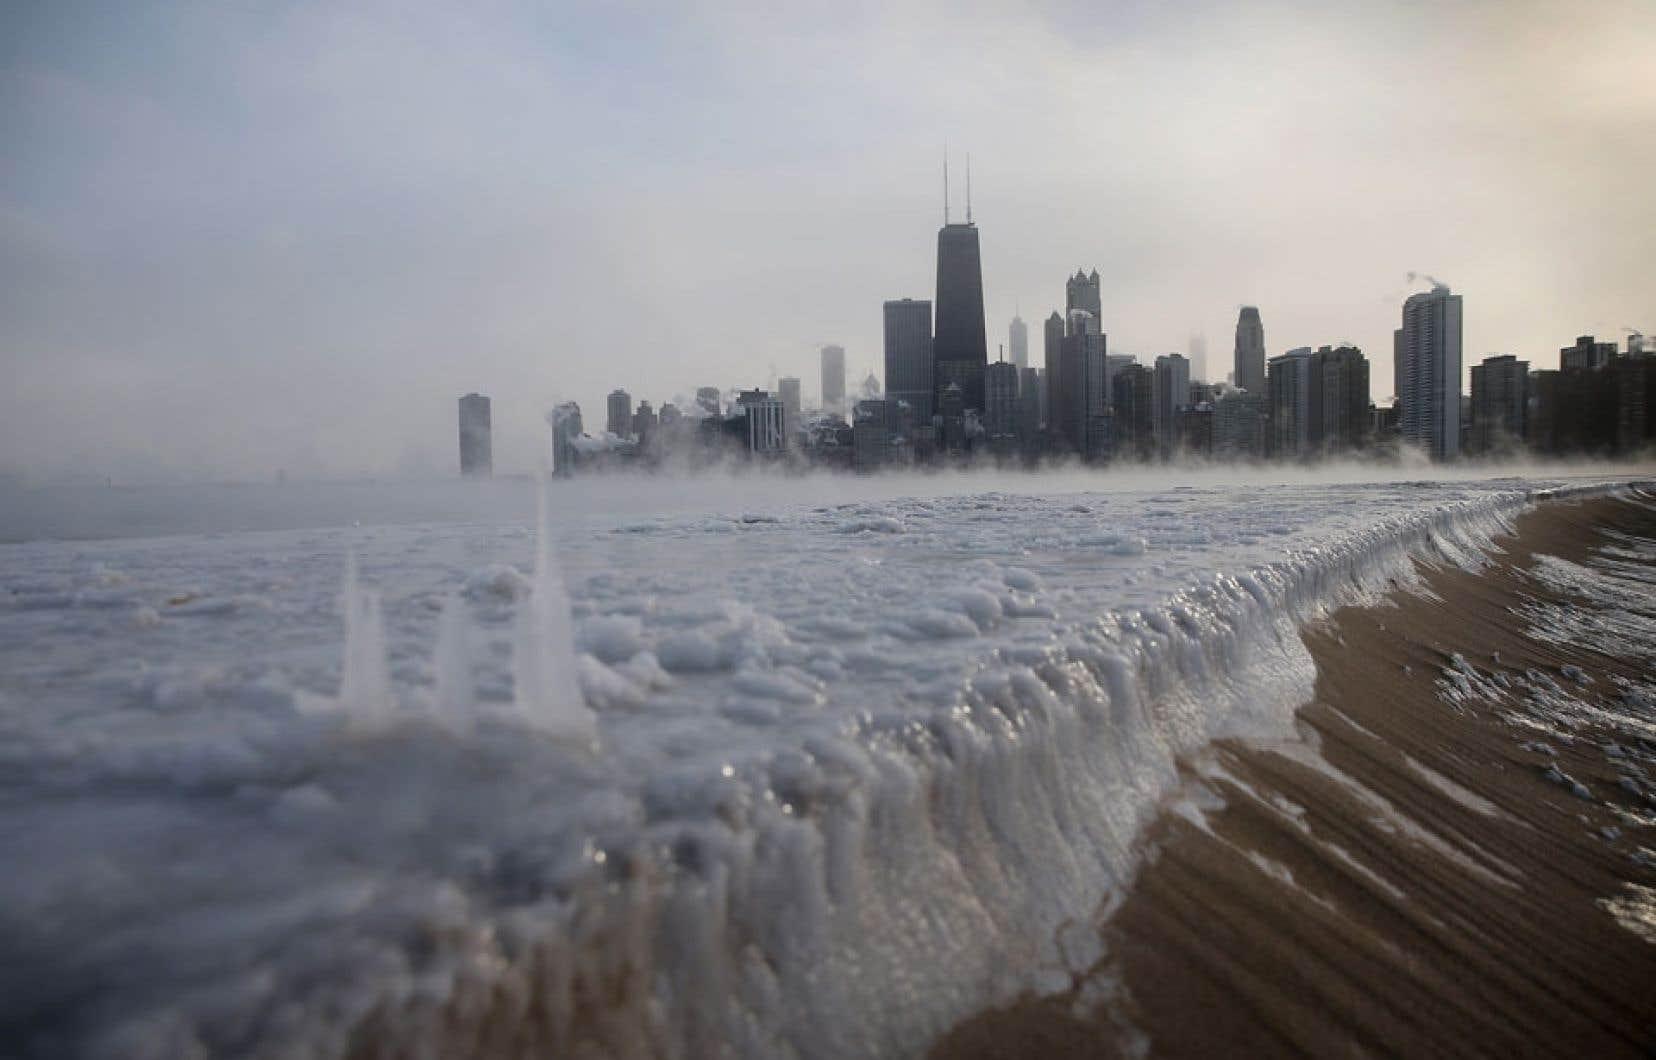 La promenade glac&eacute;e de la North Avenue Beach &agrave; Chicago, sur le bord du lac Michigan.<br />